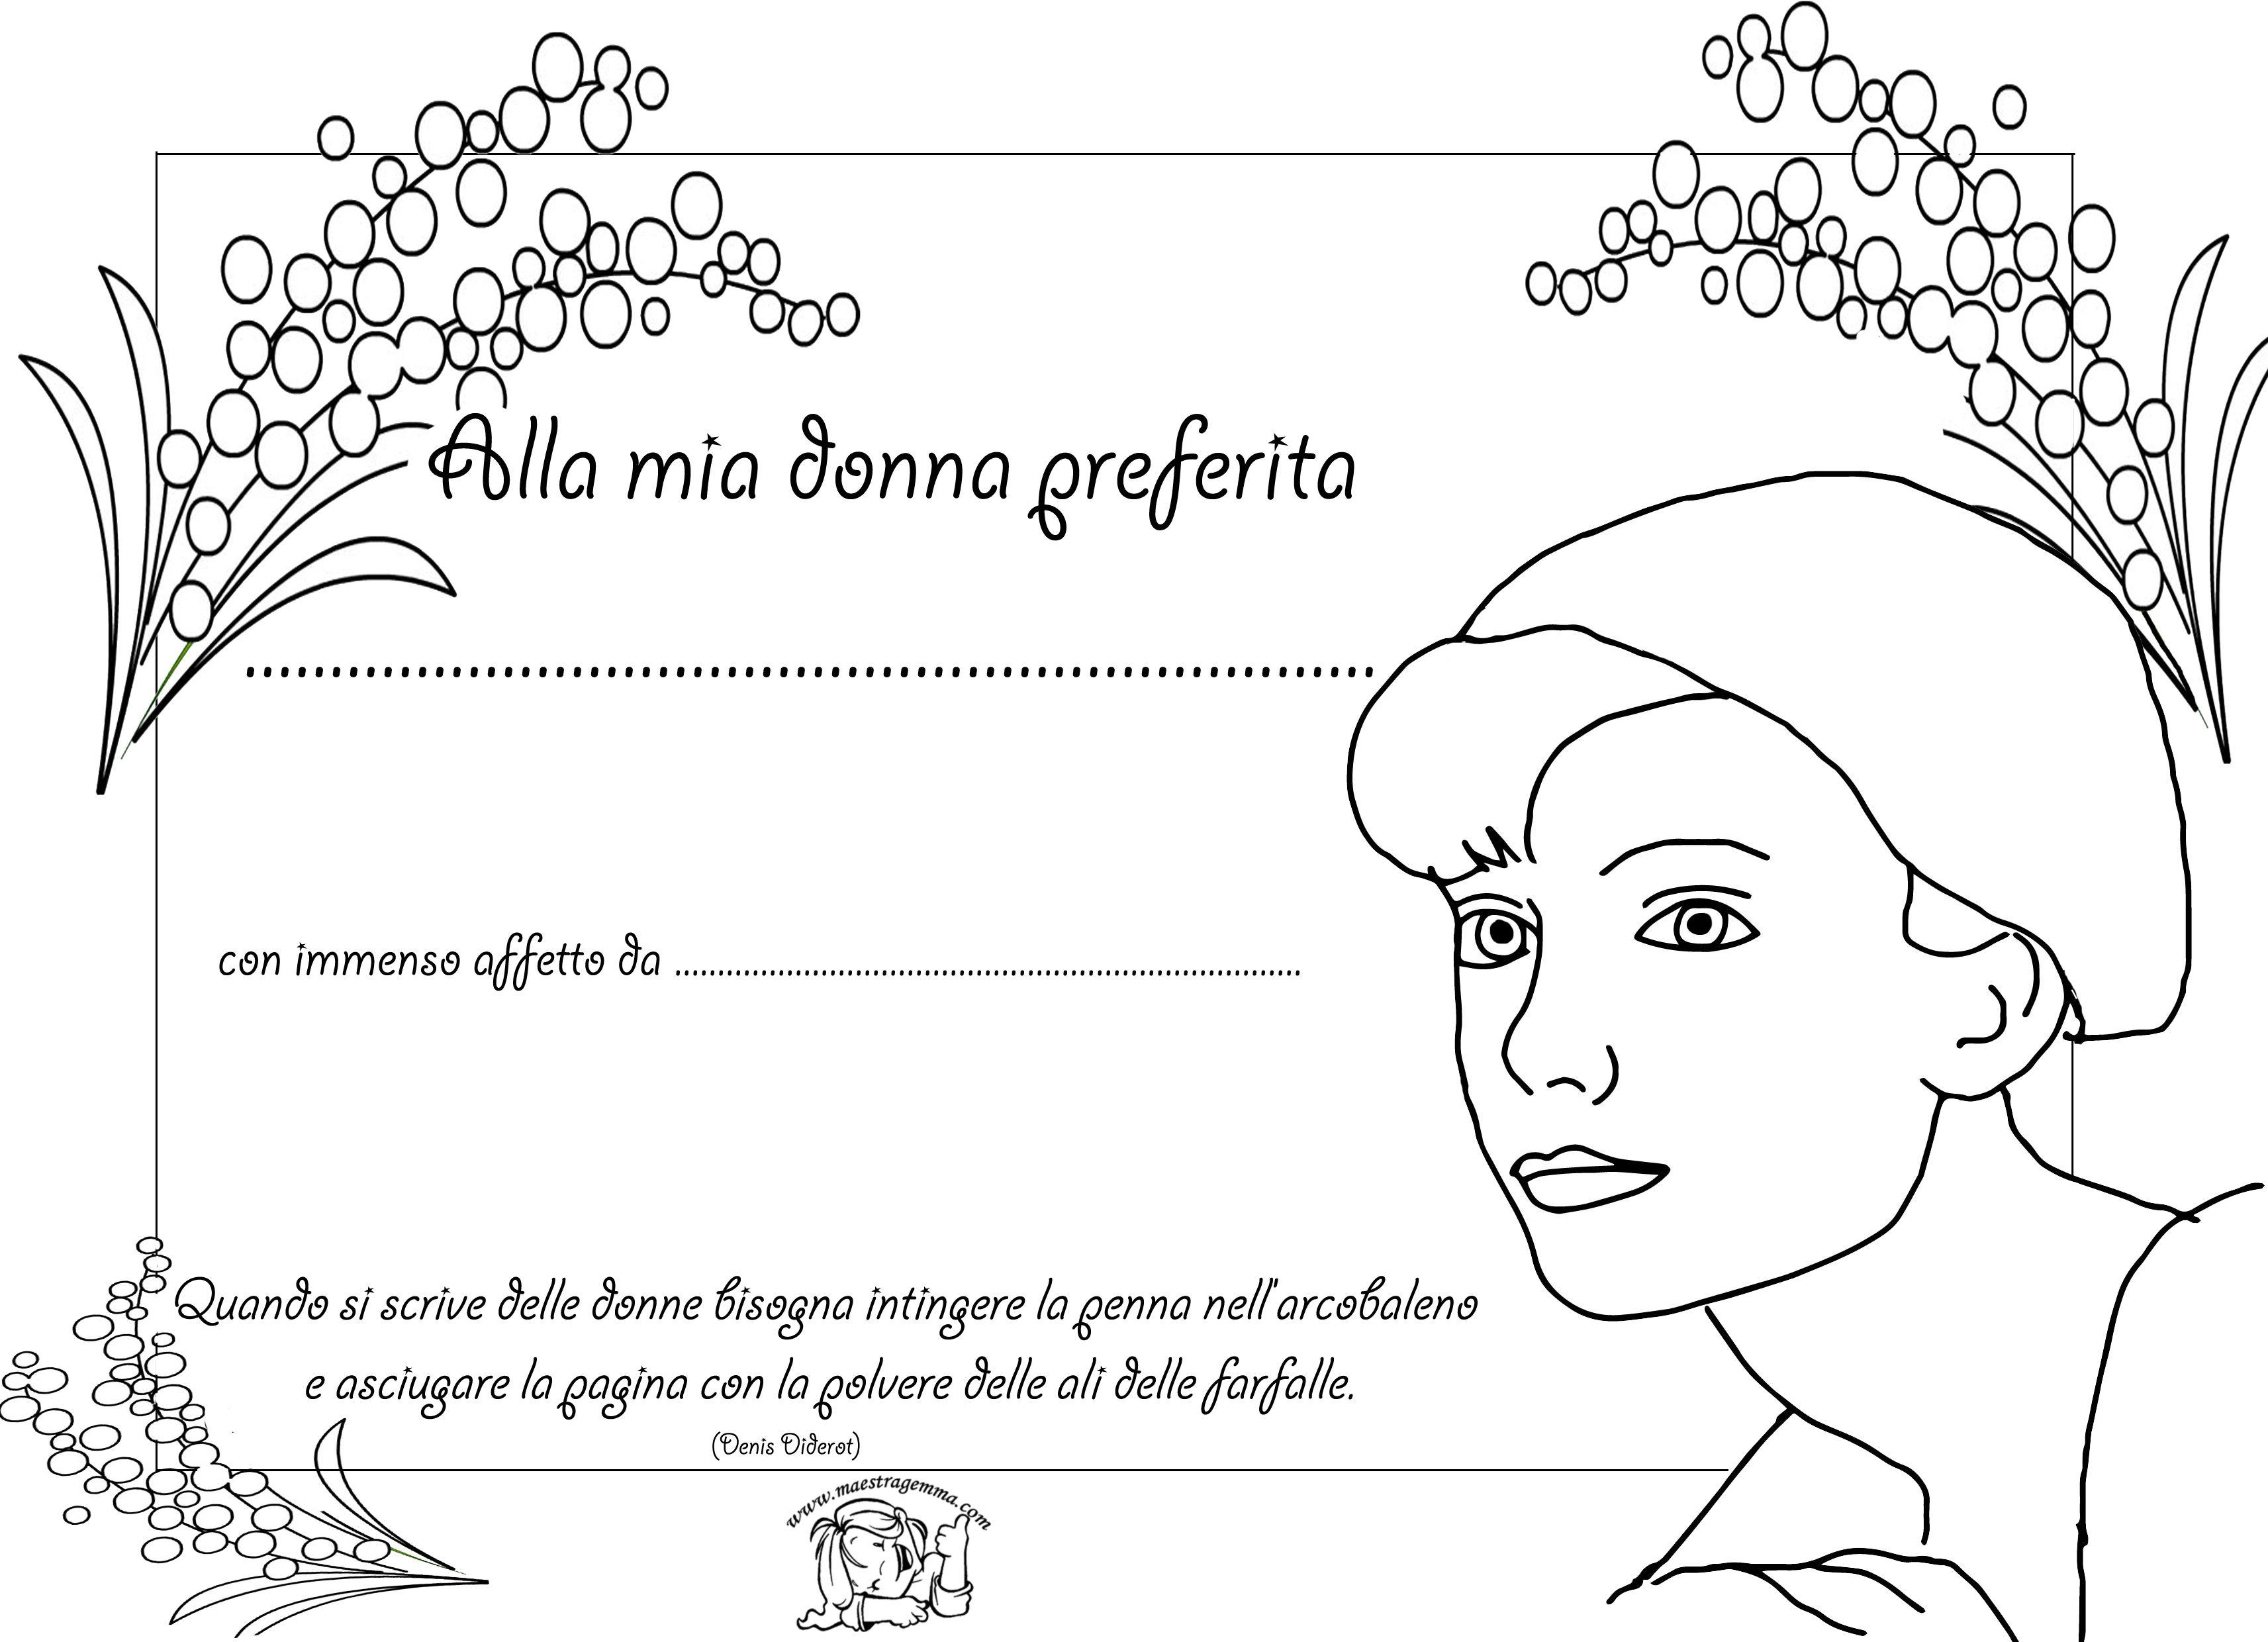 Wwwmaestragemmacom Diplomi E Attestati Festa Della Donnahtm